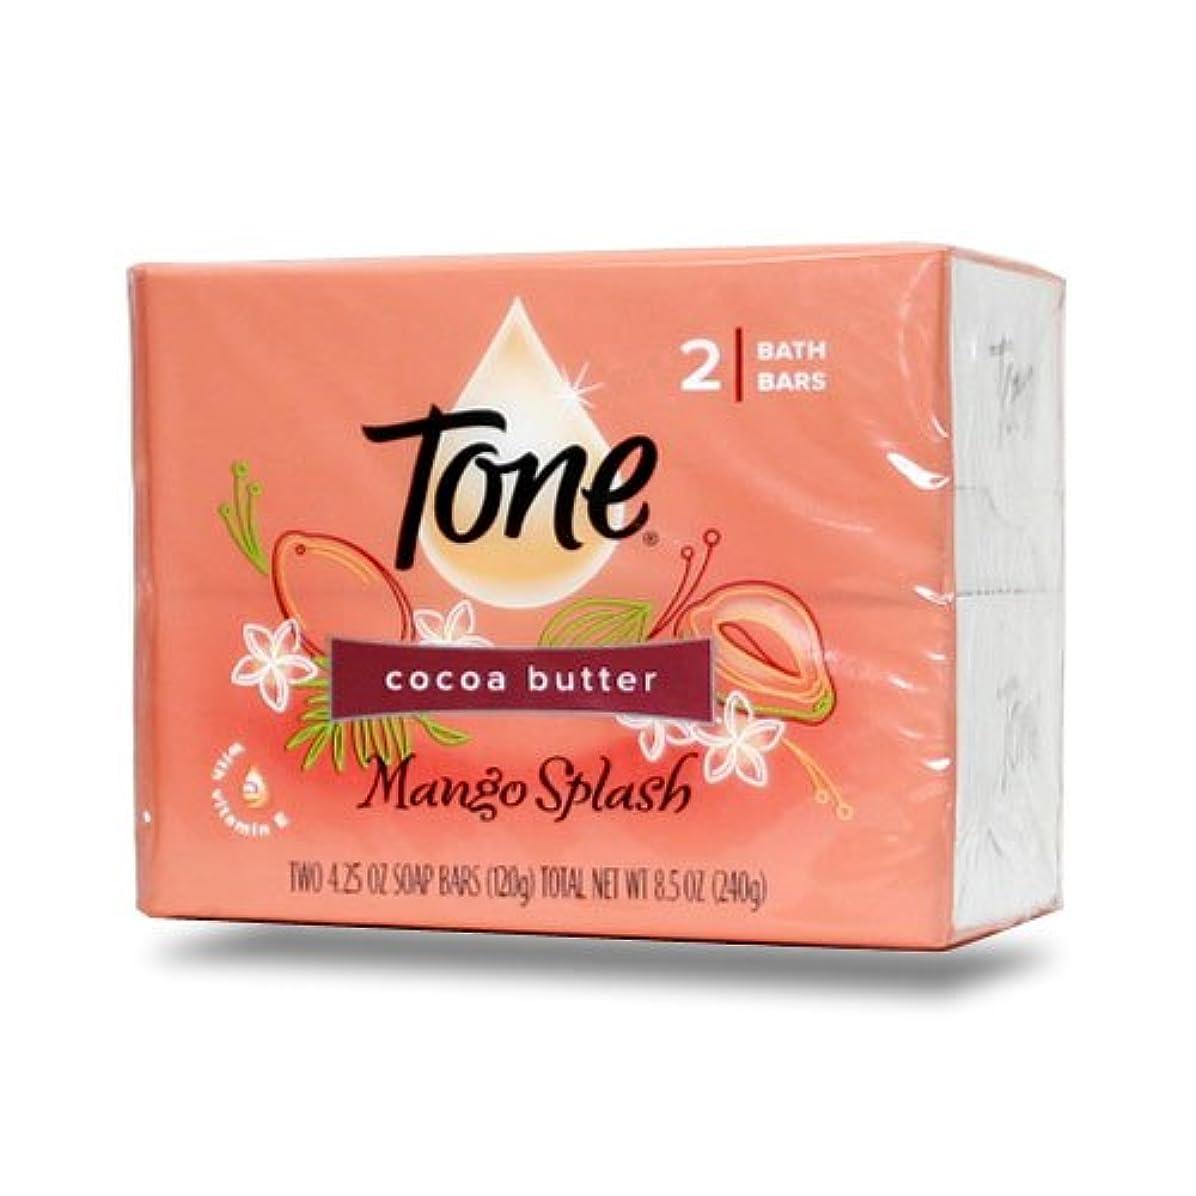 会話シャワーリンク【Tone】トーン石鹸(マンゴスプラッシュ)120g×2個パック